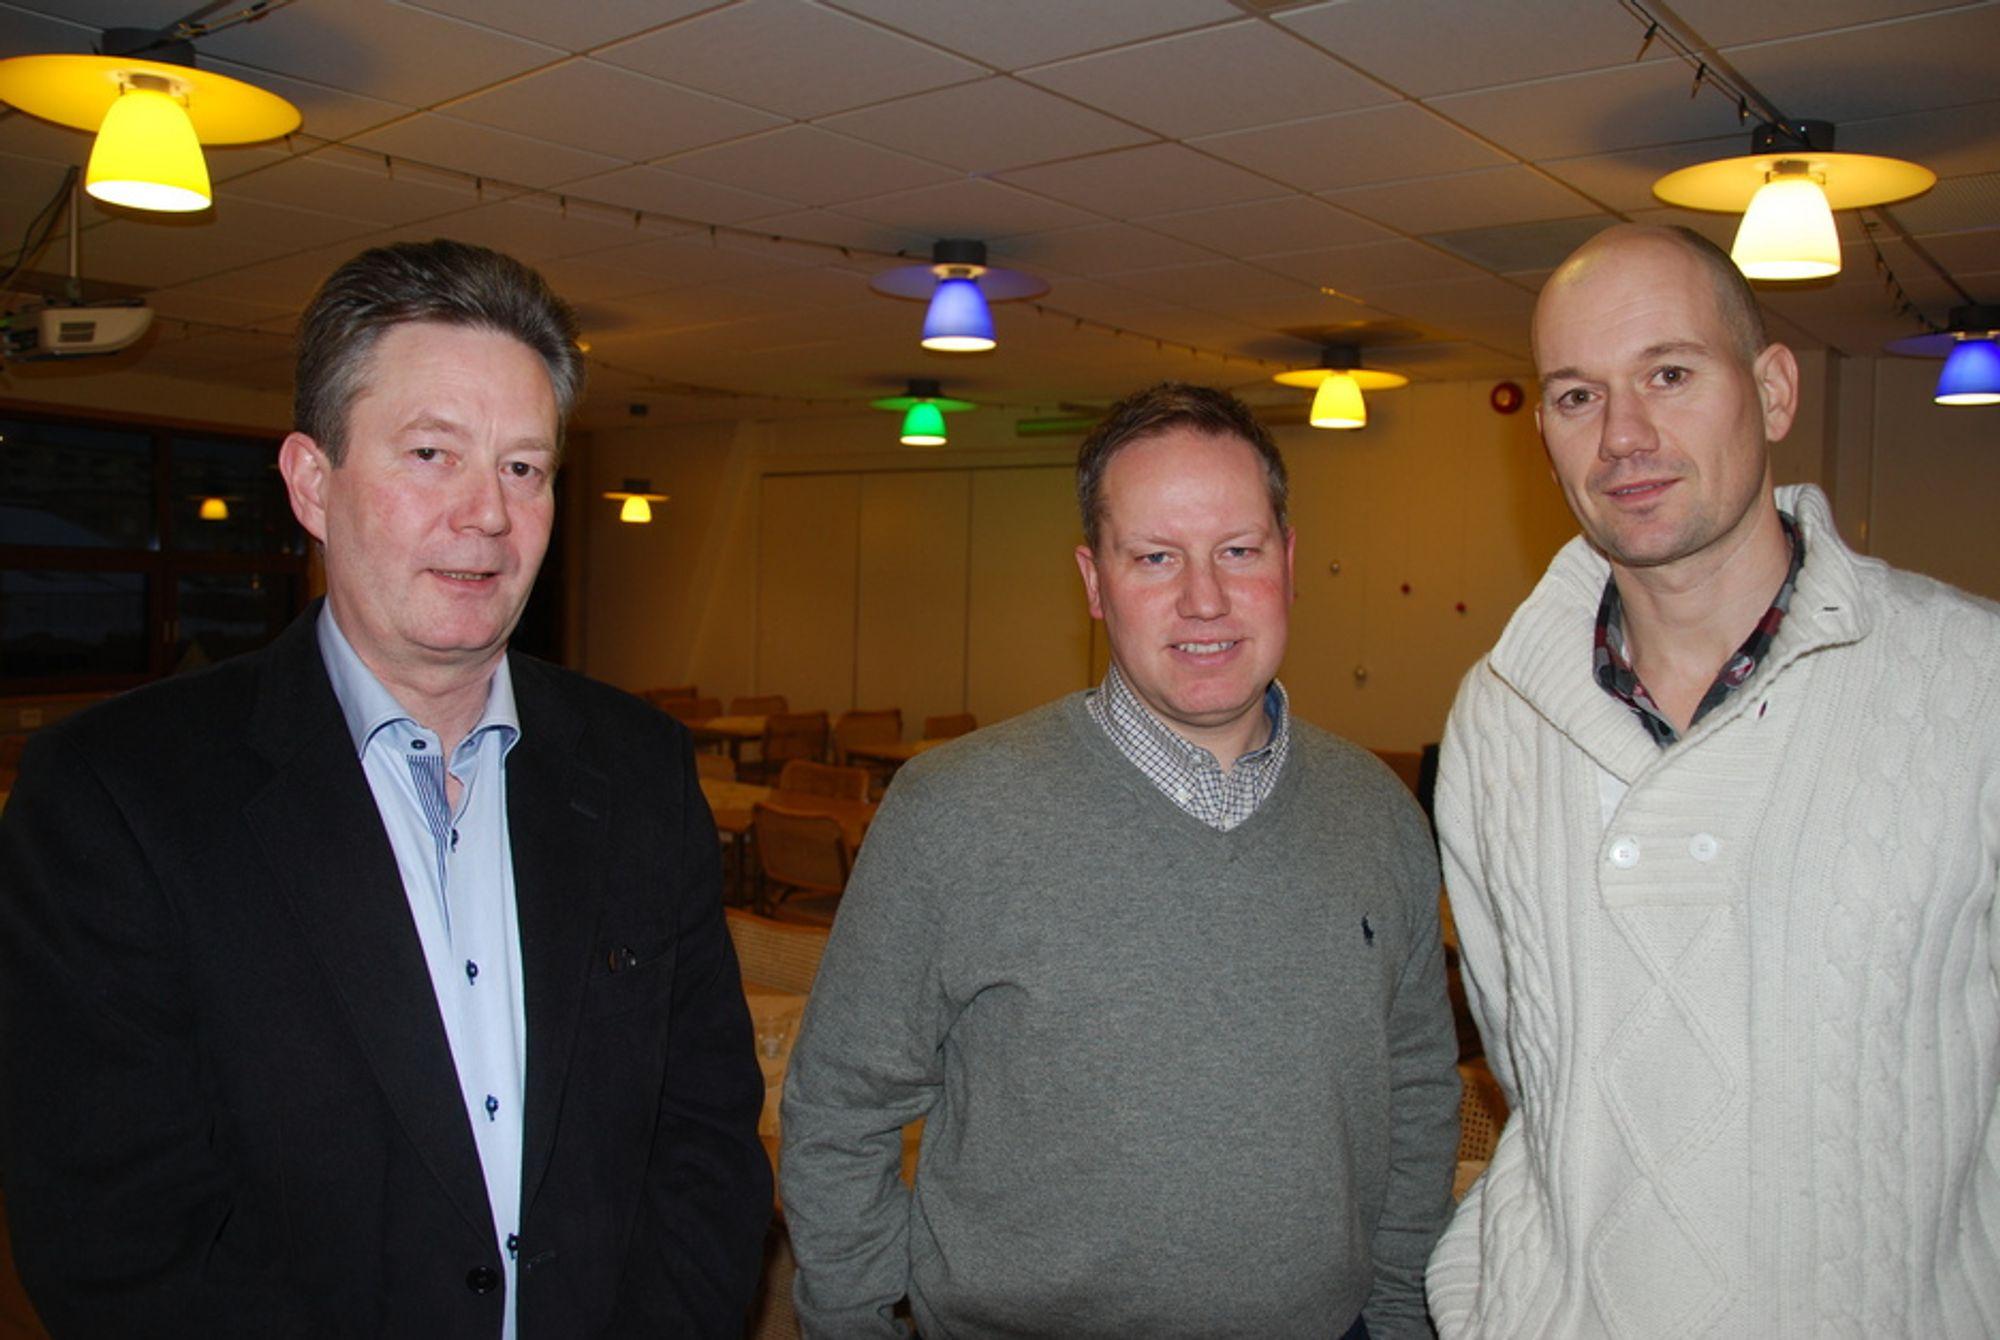 LEDERGRUPPEN: Fra venstre, administrerende direktør Geir Knudsen, direktør for Bygg og Eiendom Roar Smelhus og direktør for Infrastruktur og Miljø Lars Thorbjørnsen.